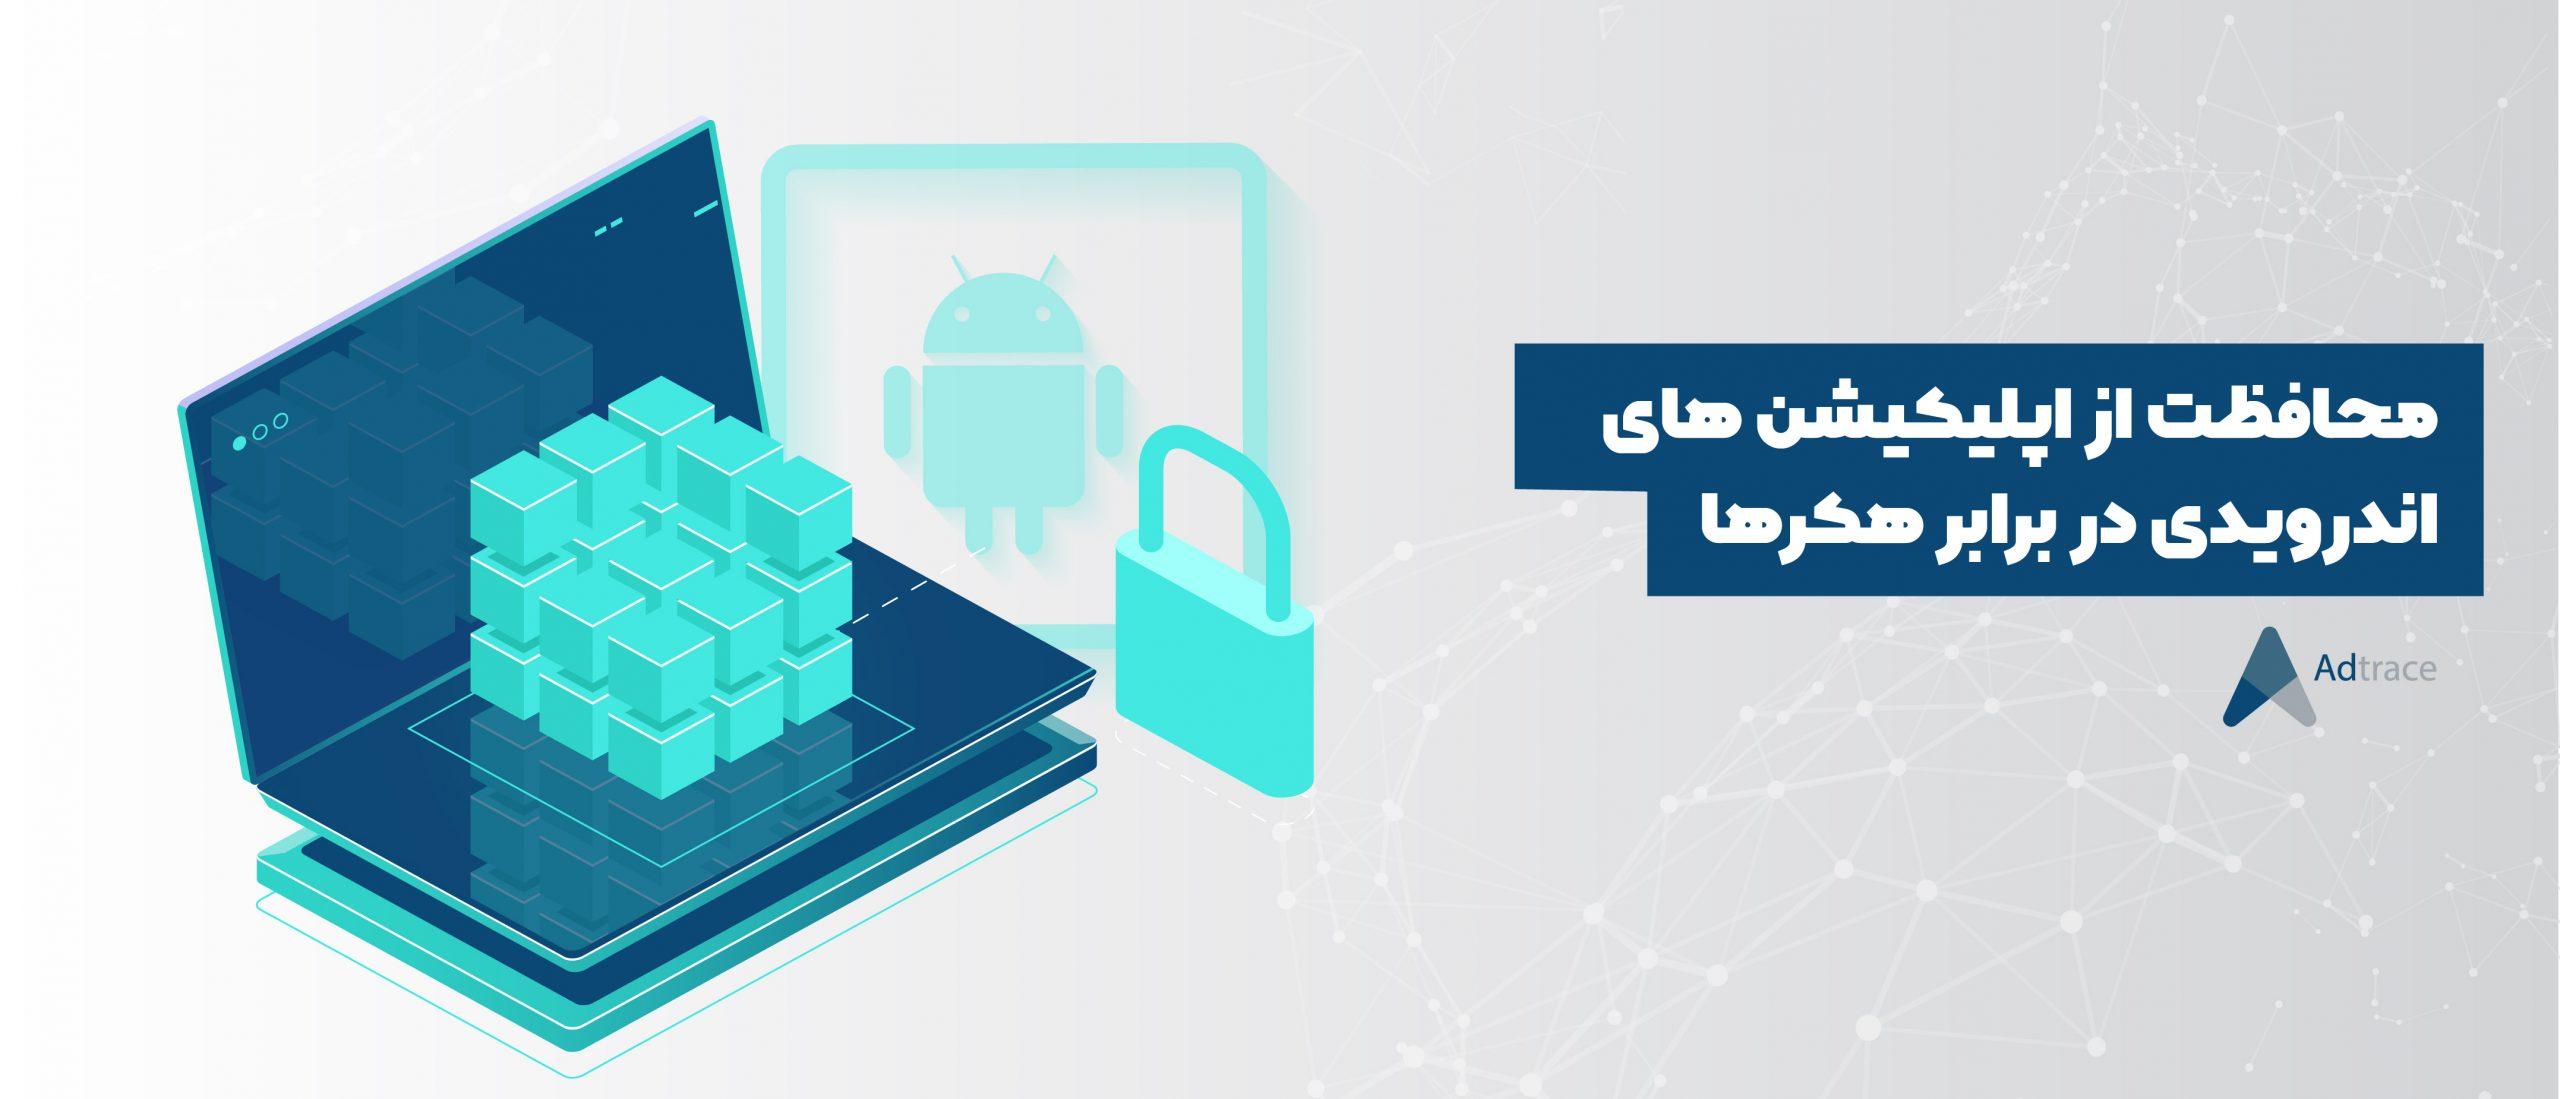 جلوگیری از هک شدن اپلیکیشن